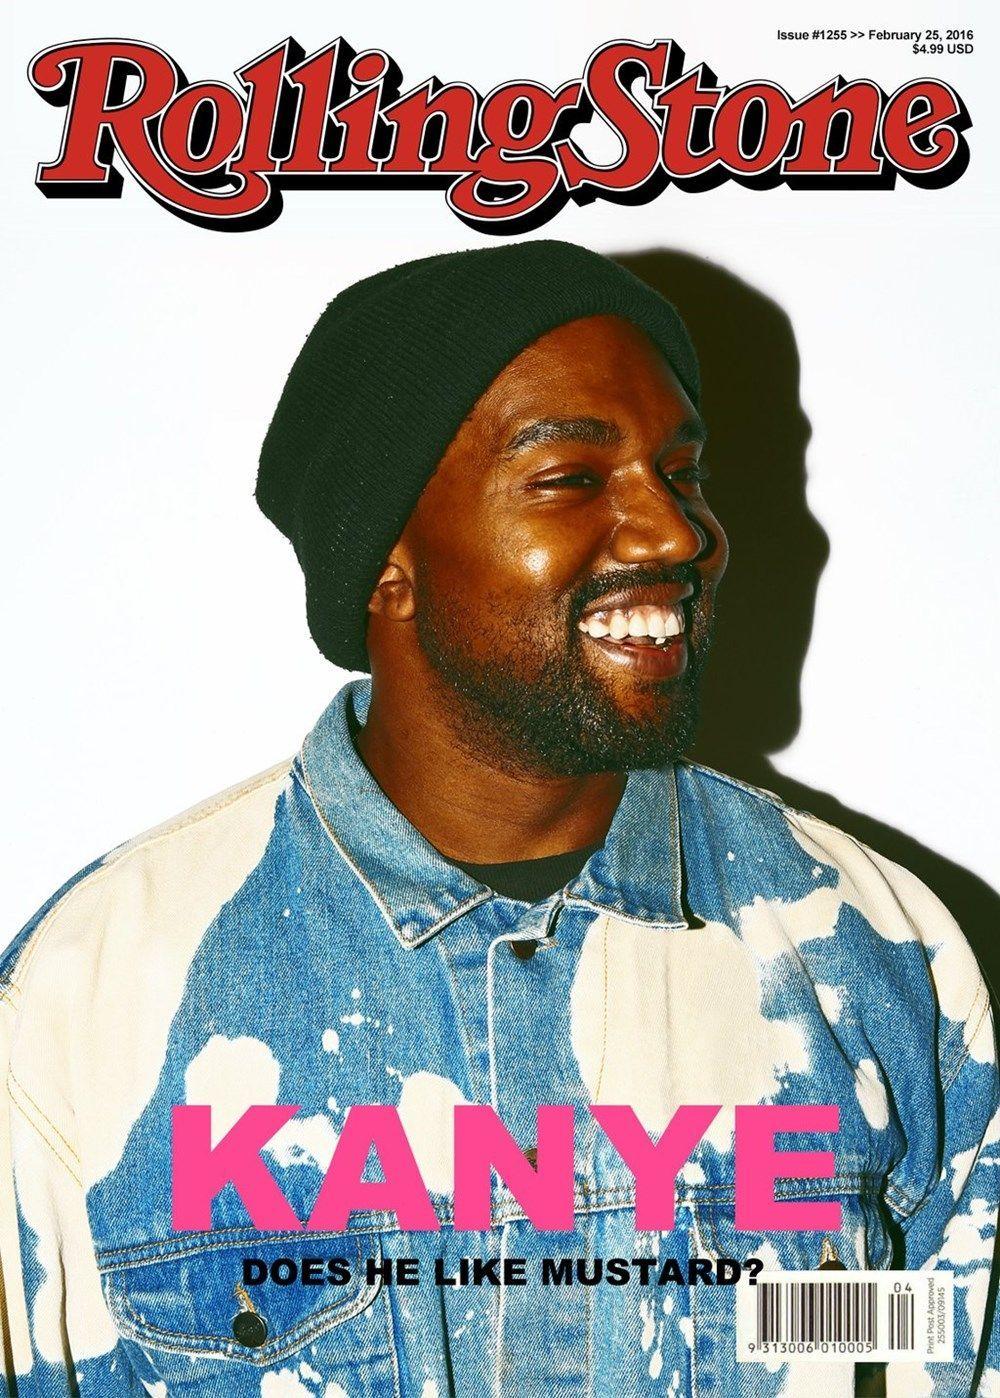 Kanye West In 2020 Rolling Stone Magazine Cover Kanye West New Kanye